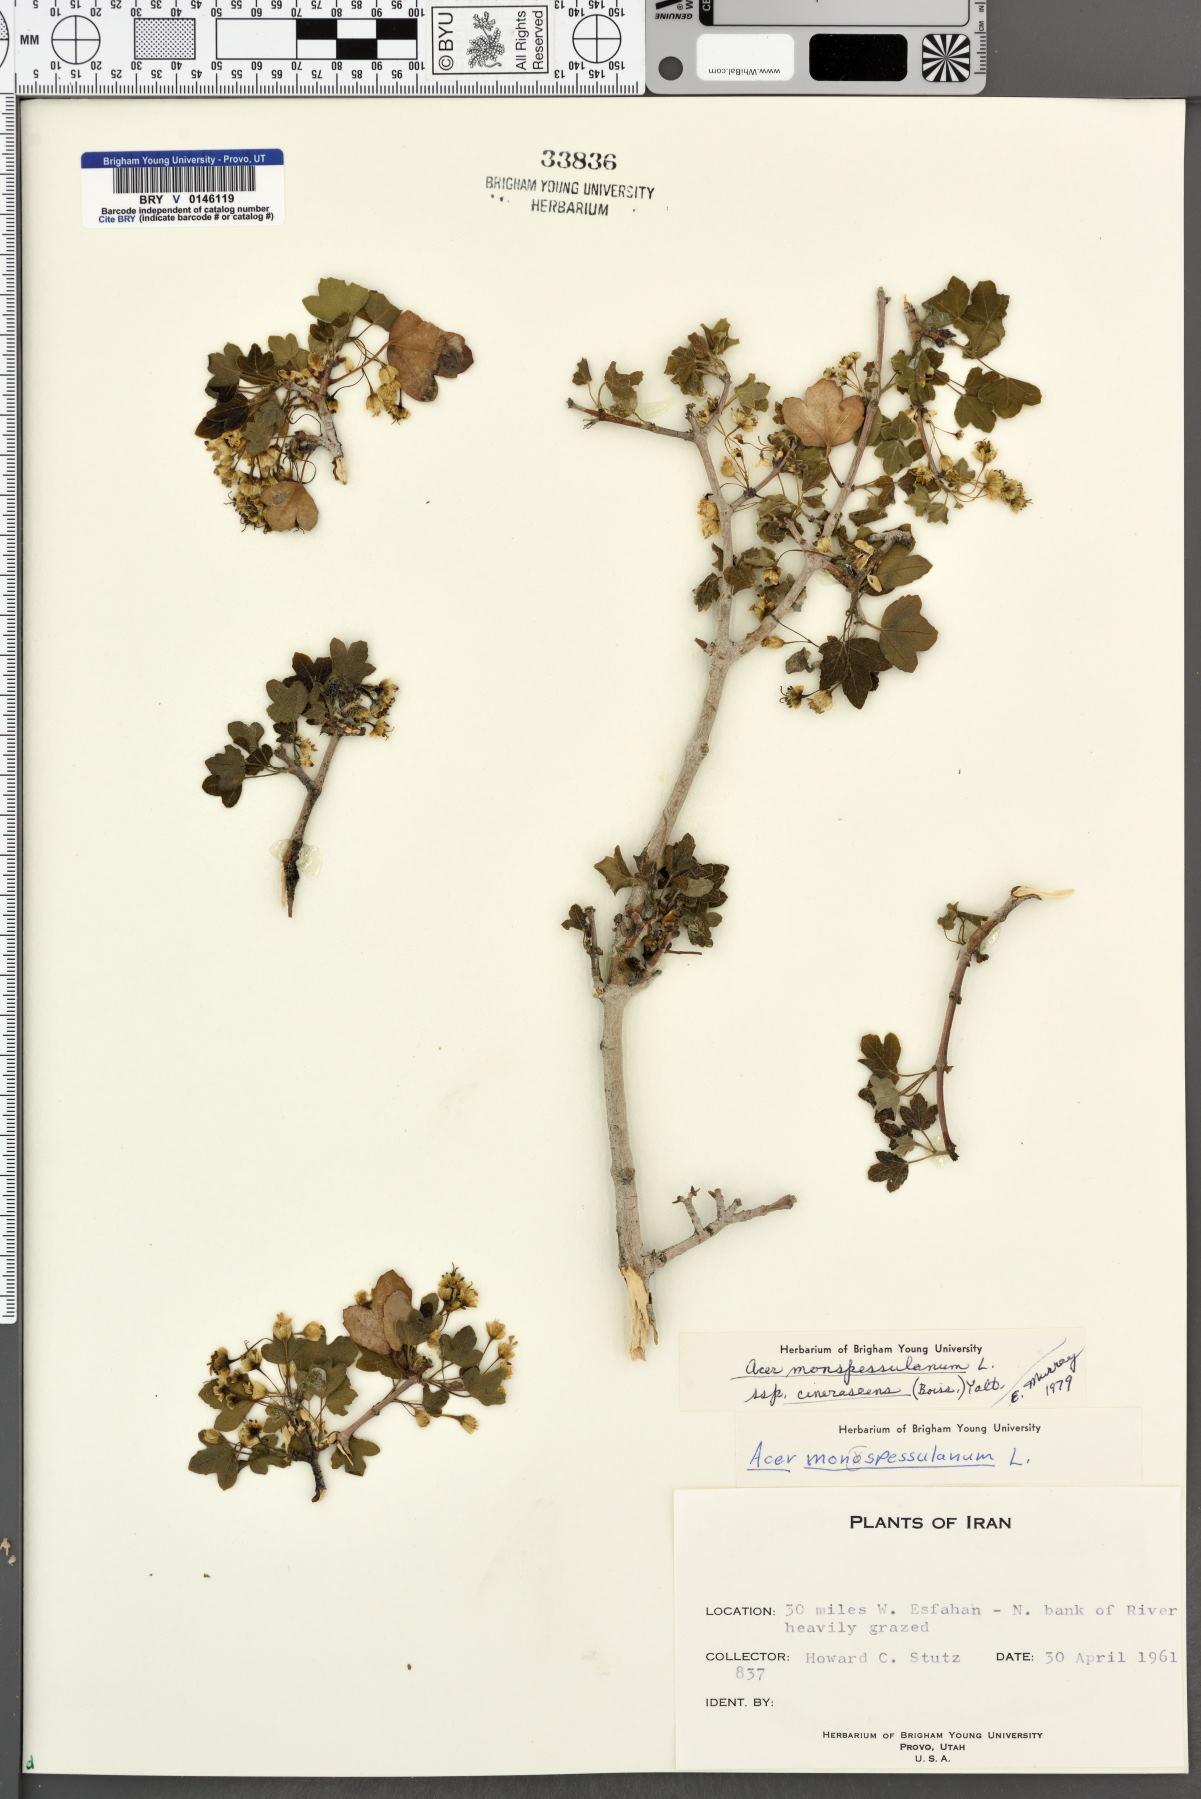 Acer monspessulanum subsp. cinerascens image